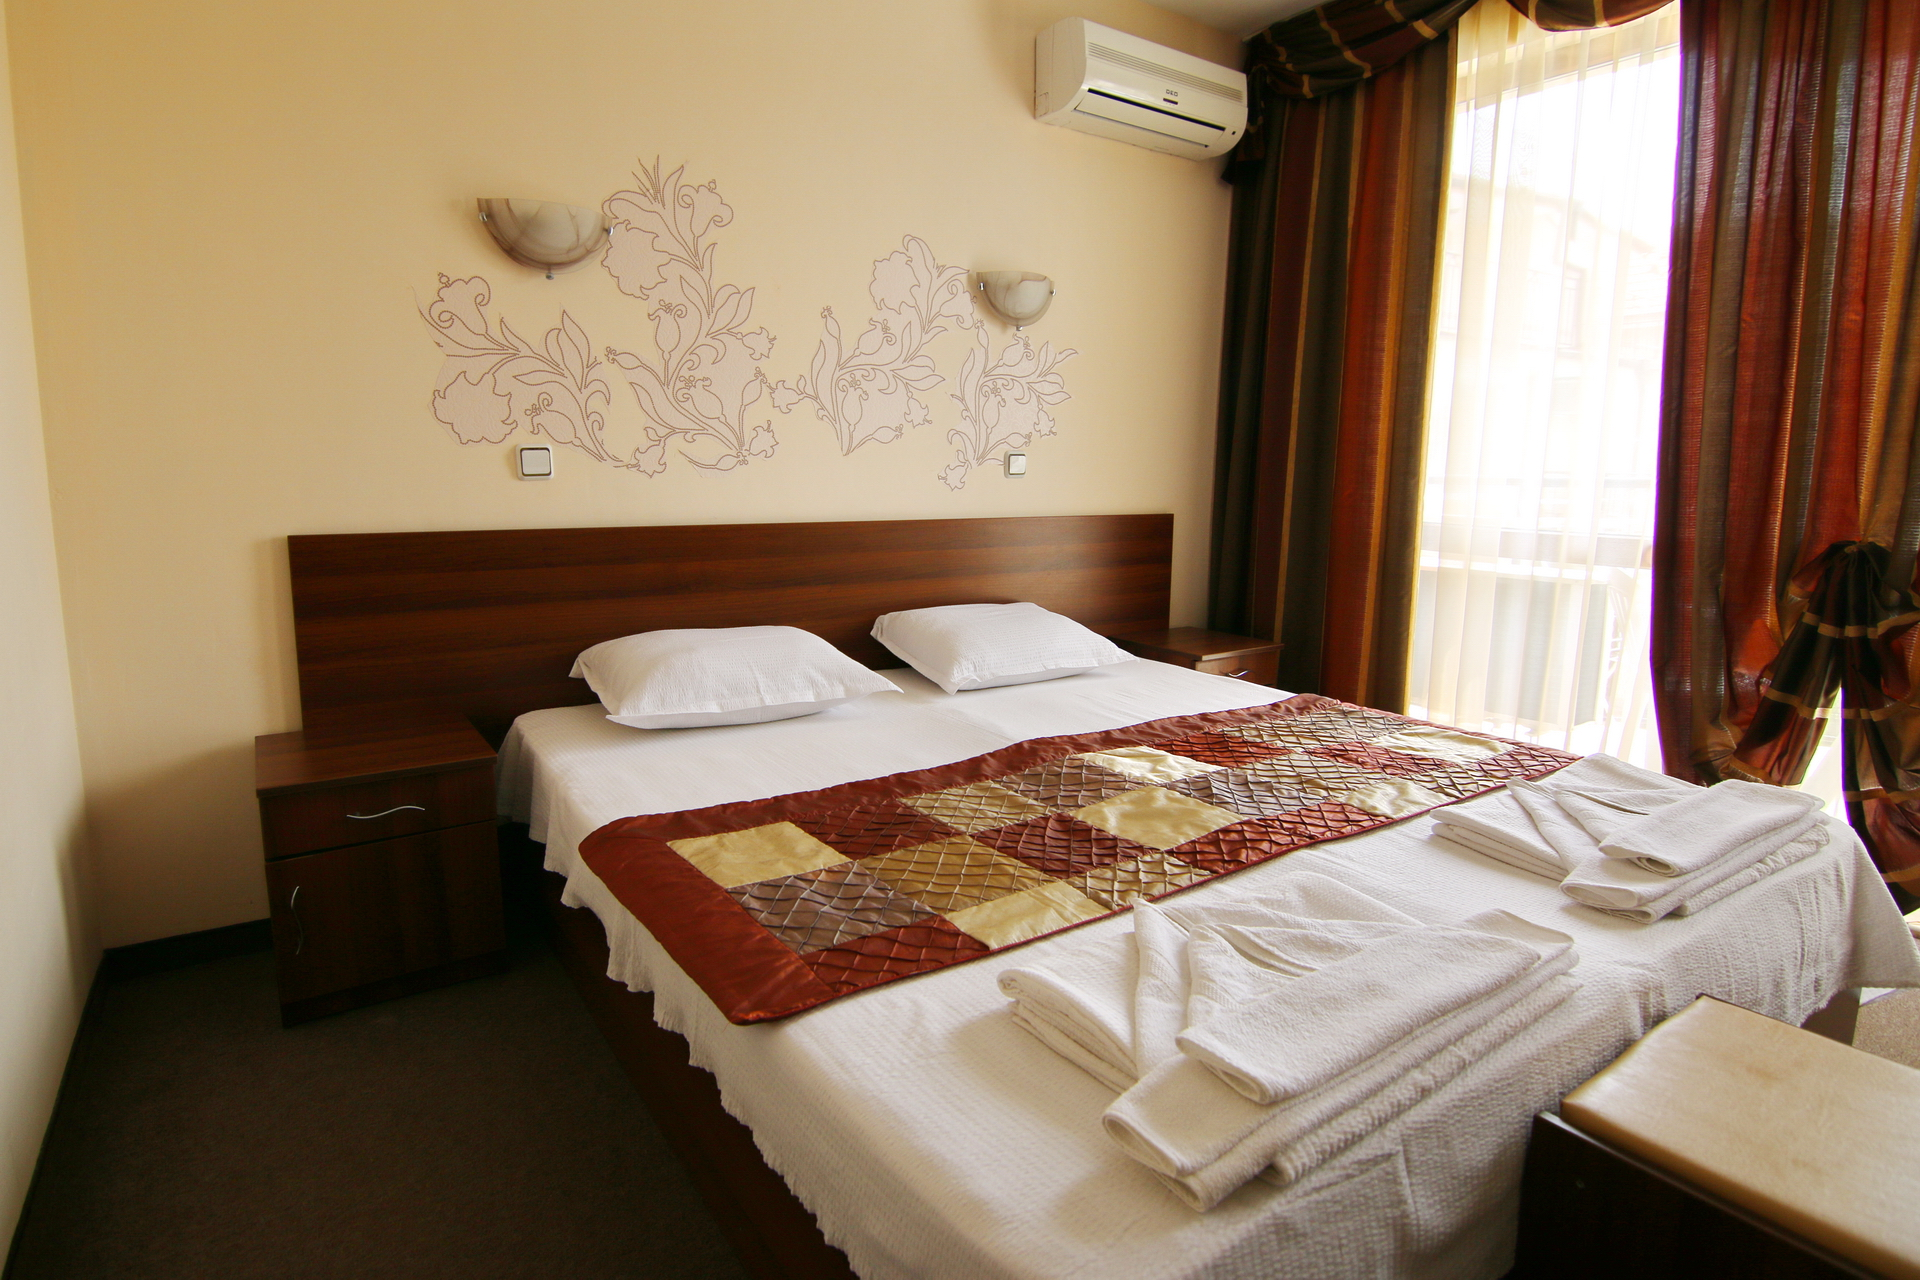 Hotel Vermona room for 2